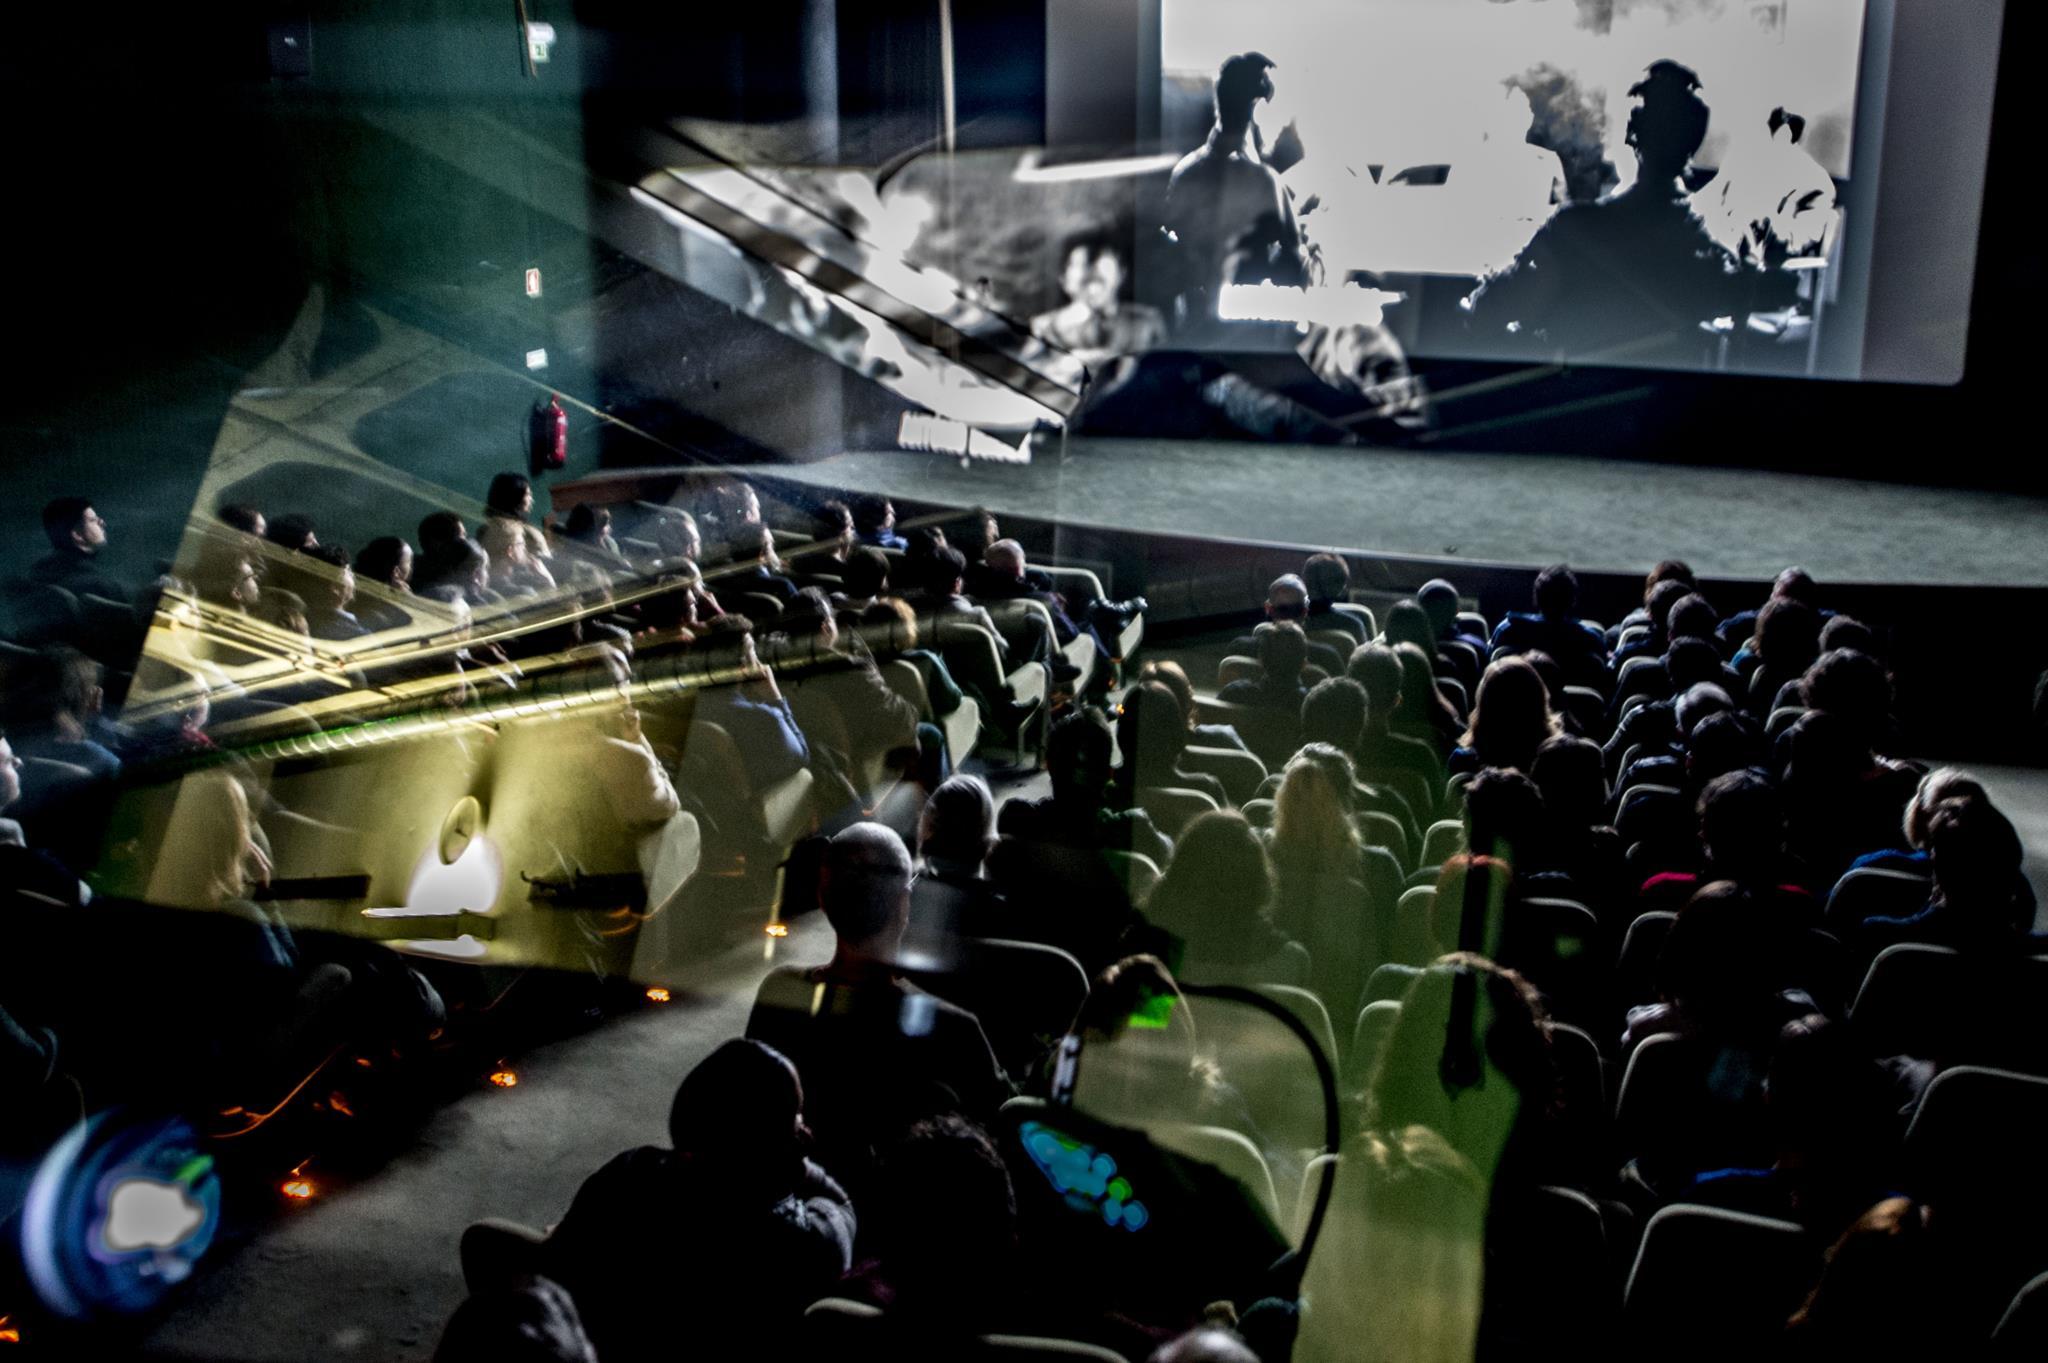 PÚBLICO - Enquanto o Porto espera pelo Batalha, o cinema vai mesmo no Trindade